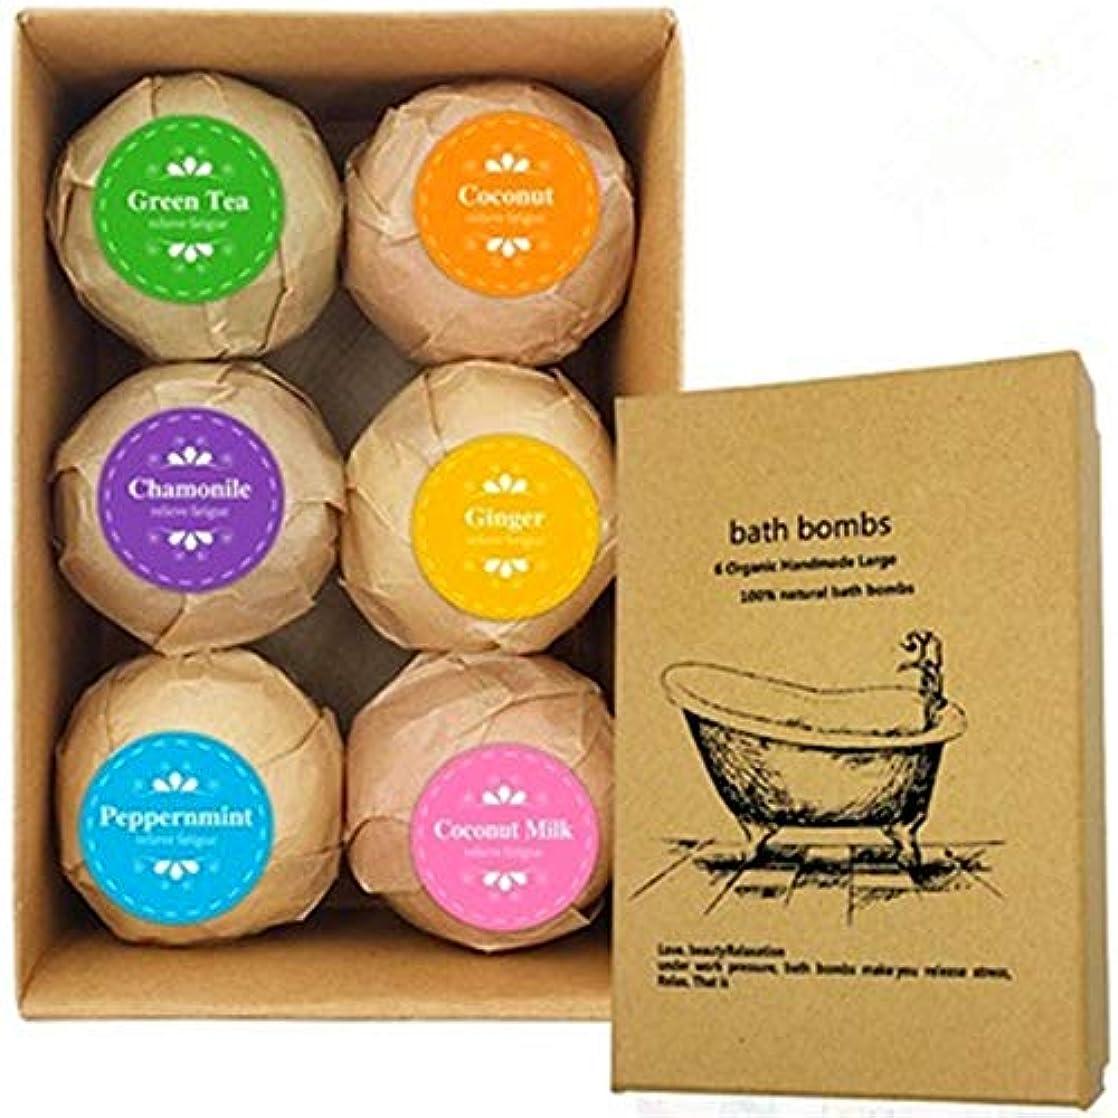 臭い優先写真撮影バスボム 入浴剤 炭酸 バスボール 6つの香り 手作り 入浴料 うるおいプラス お風呂用 入浴剤 ギフトセット6枚 プレゼント最適